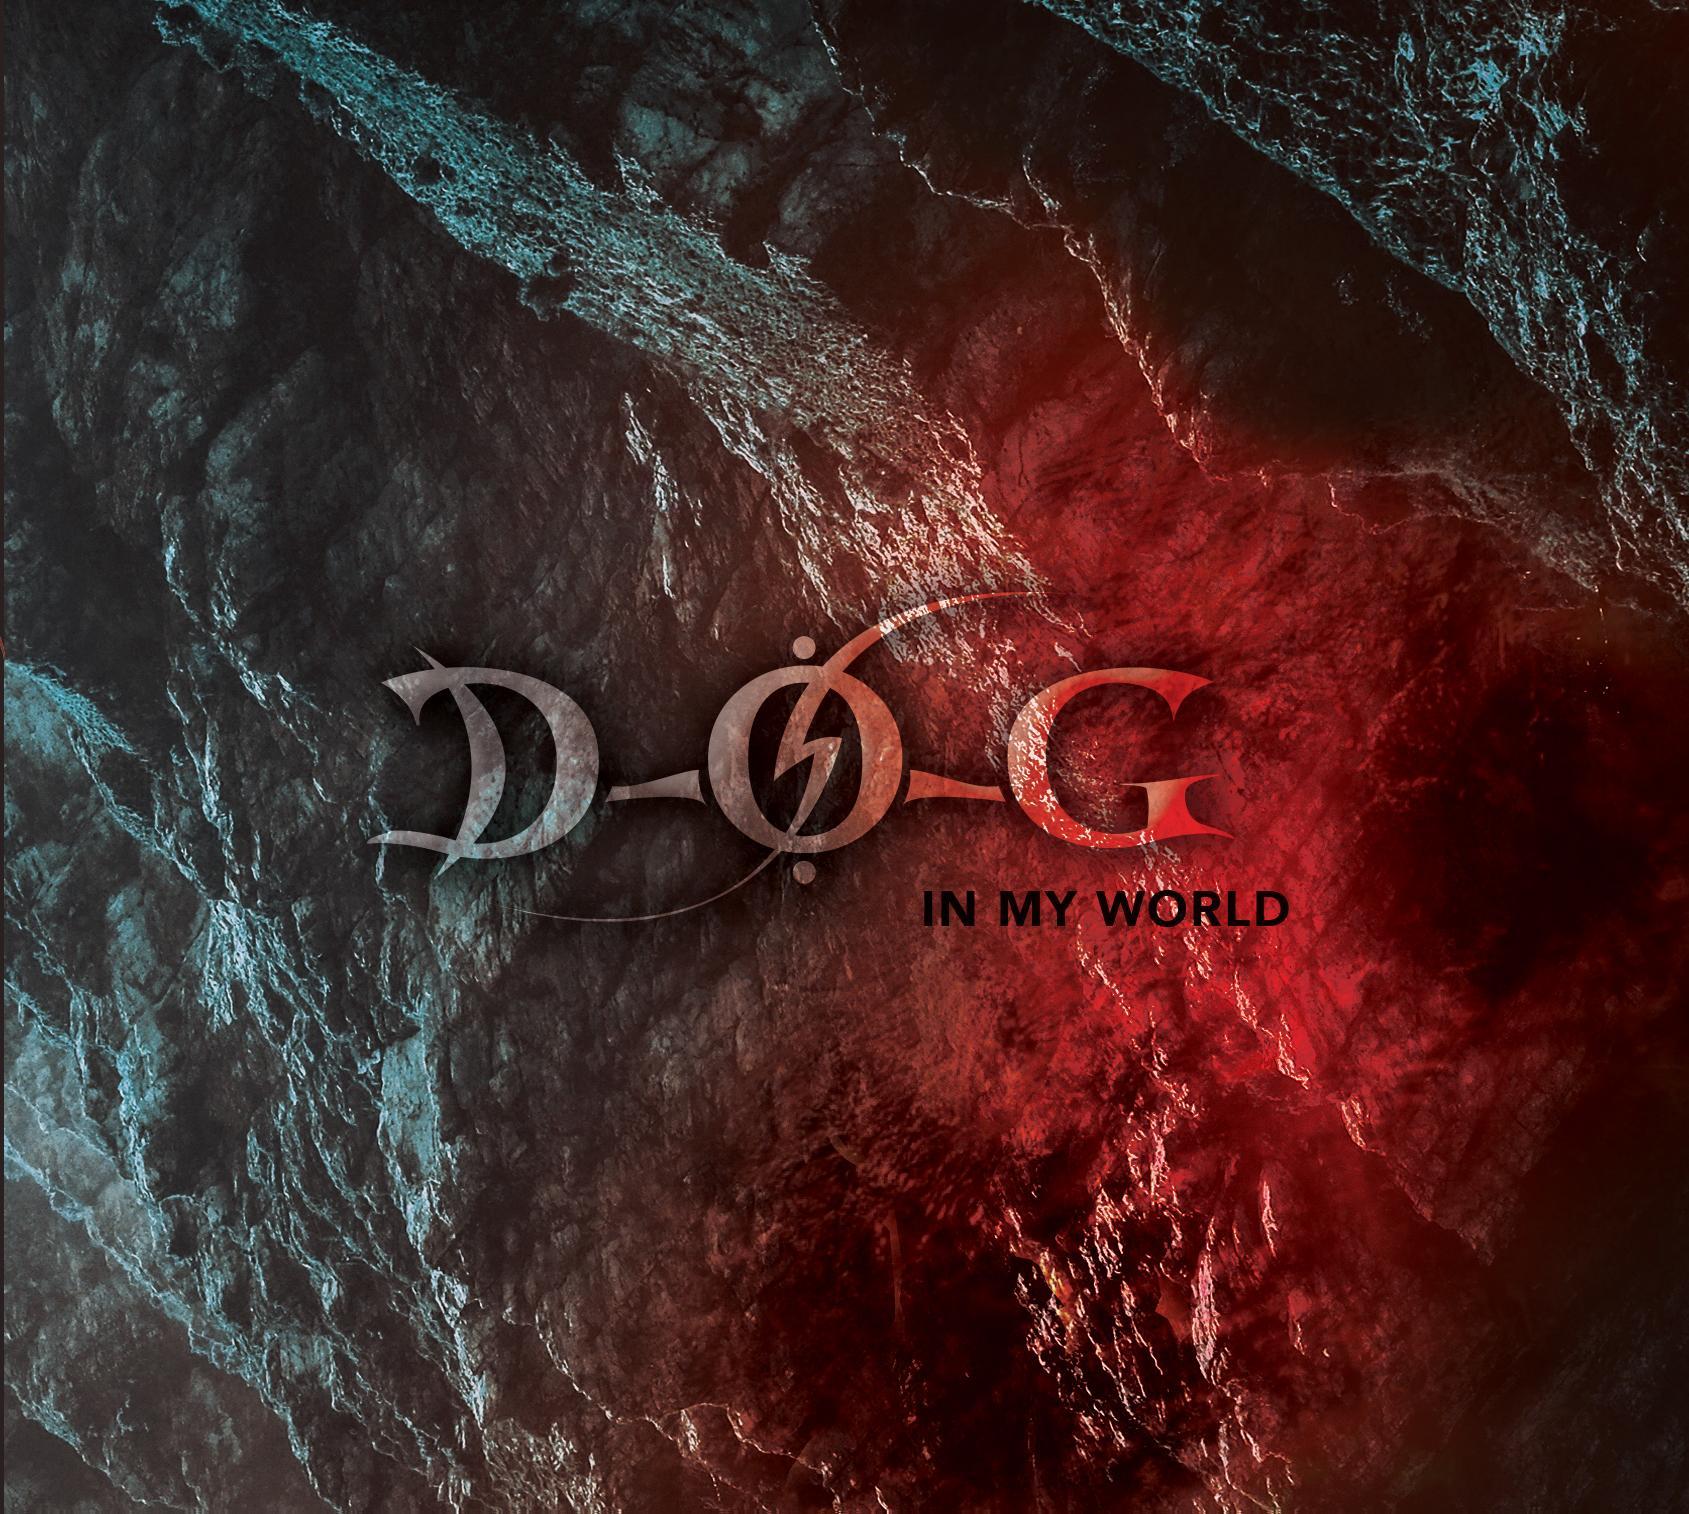 Chronique d'album : D-O-G (Heavy Metal),